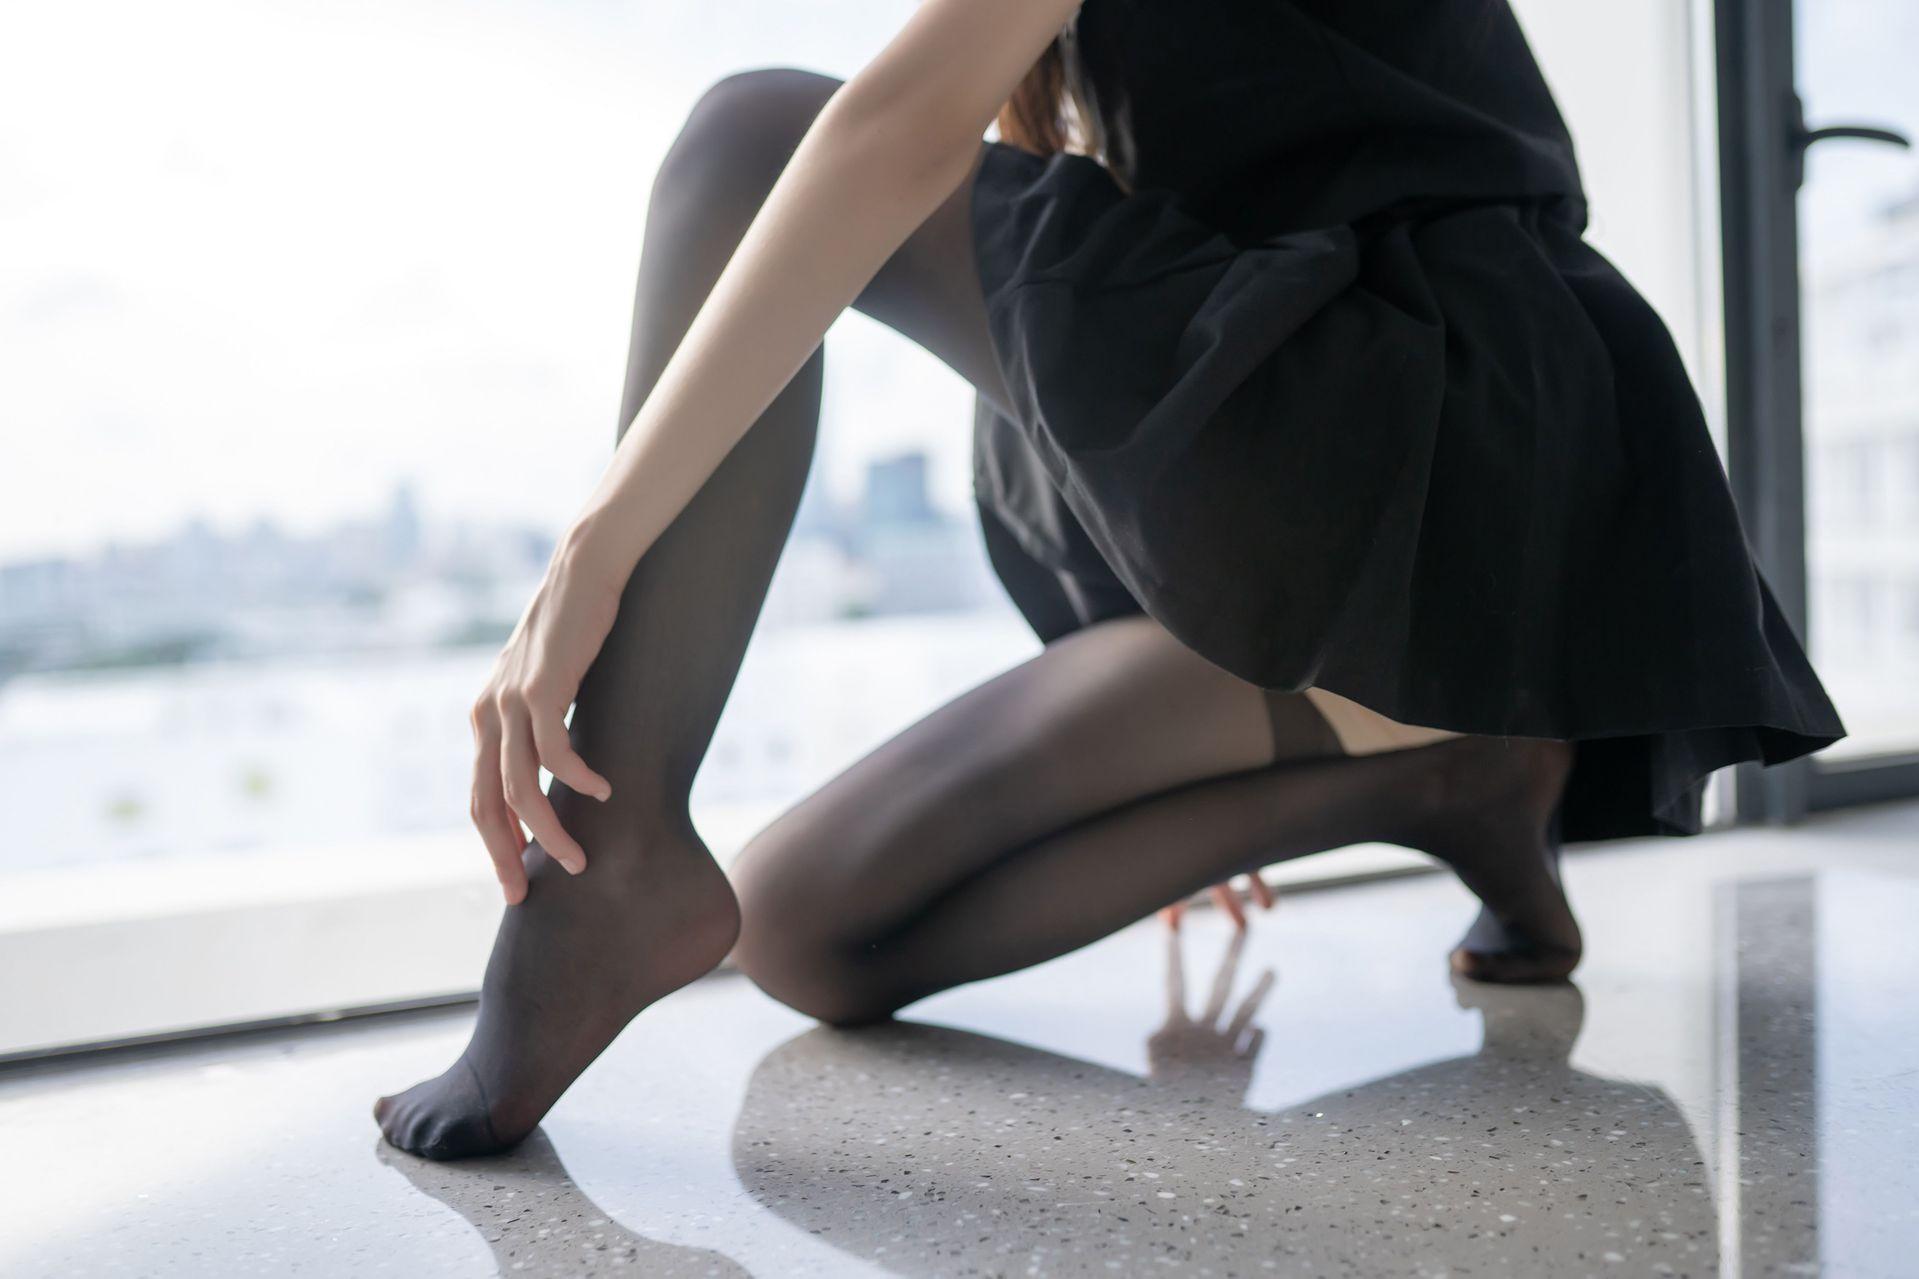 【风之领域】风之领域写真 NO.144 超短漏脐白色短裙套装 [48P-104MB] 风之领域 第2张